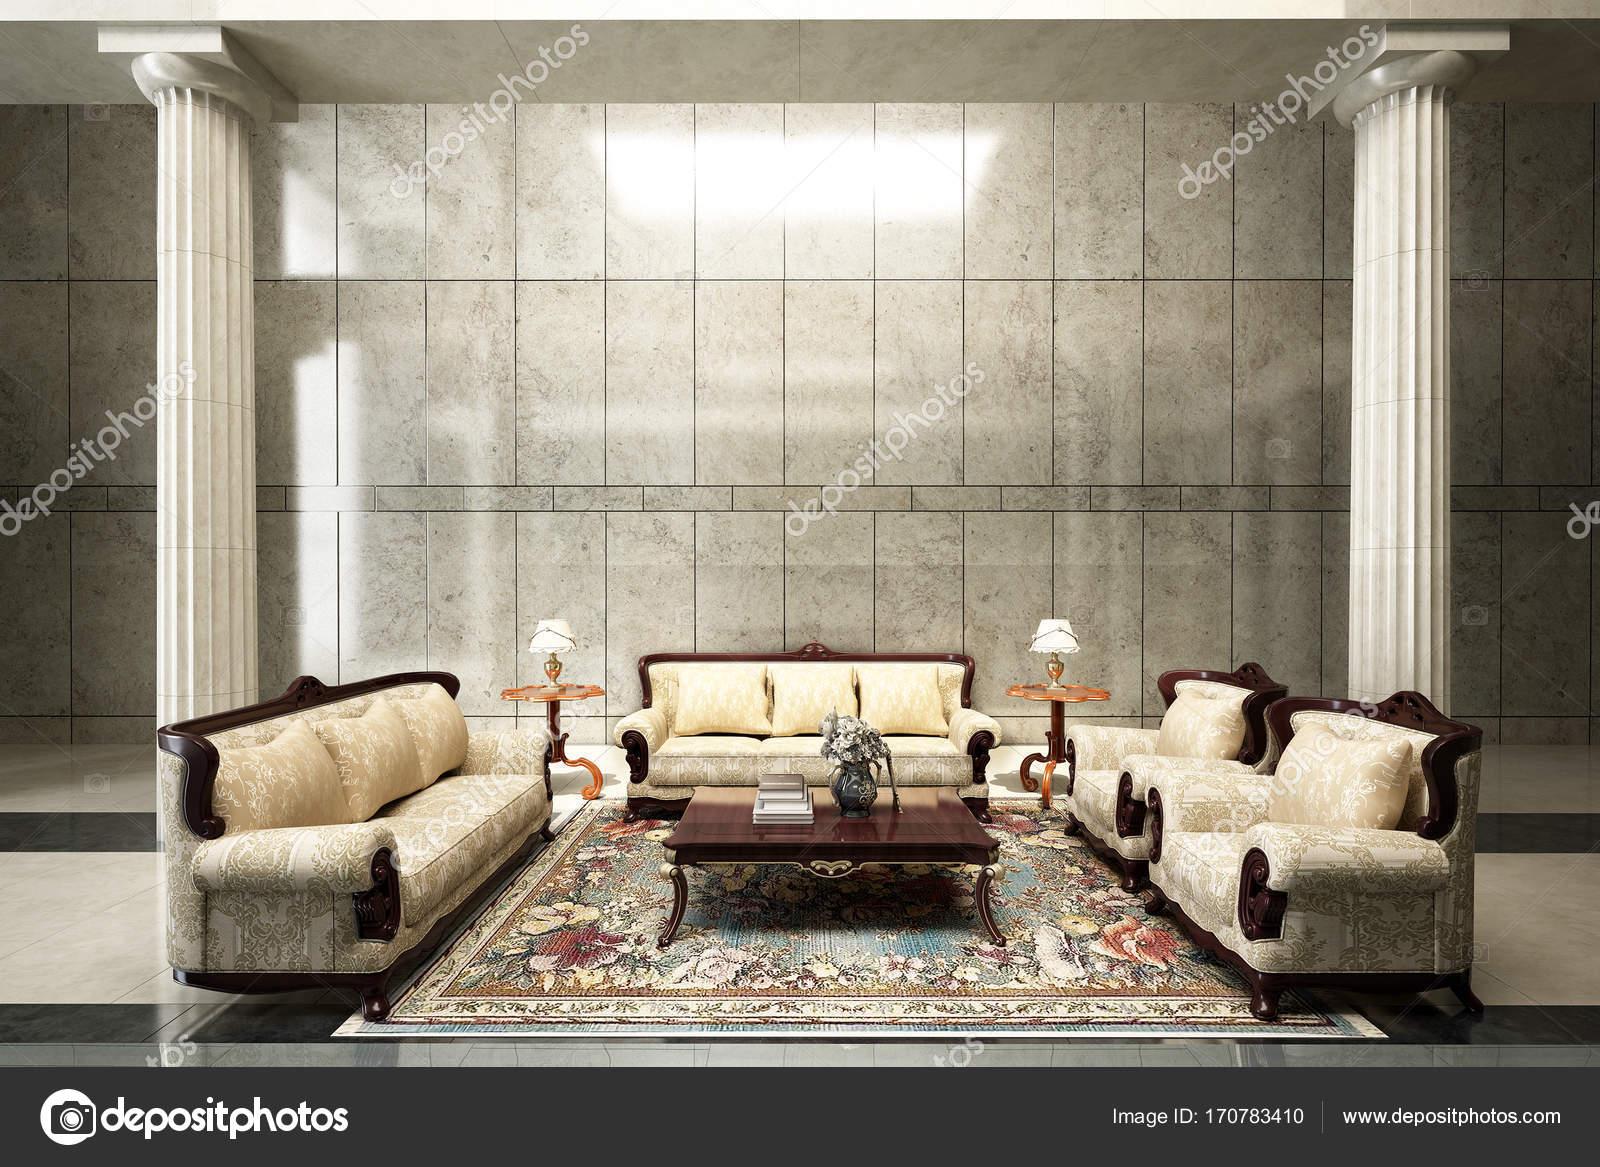 Innenarchitektur Halle er innenarchitektur luxus lounge halle und wohnzimmer und beton wand